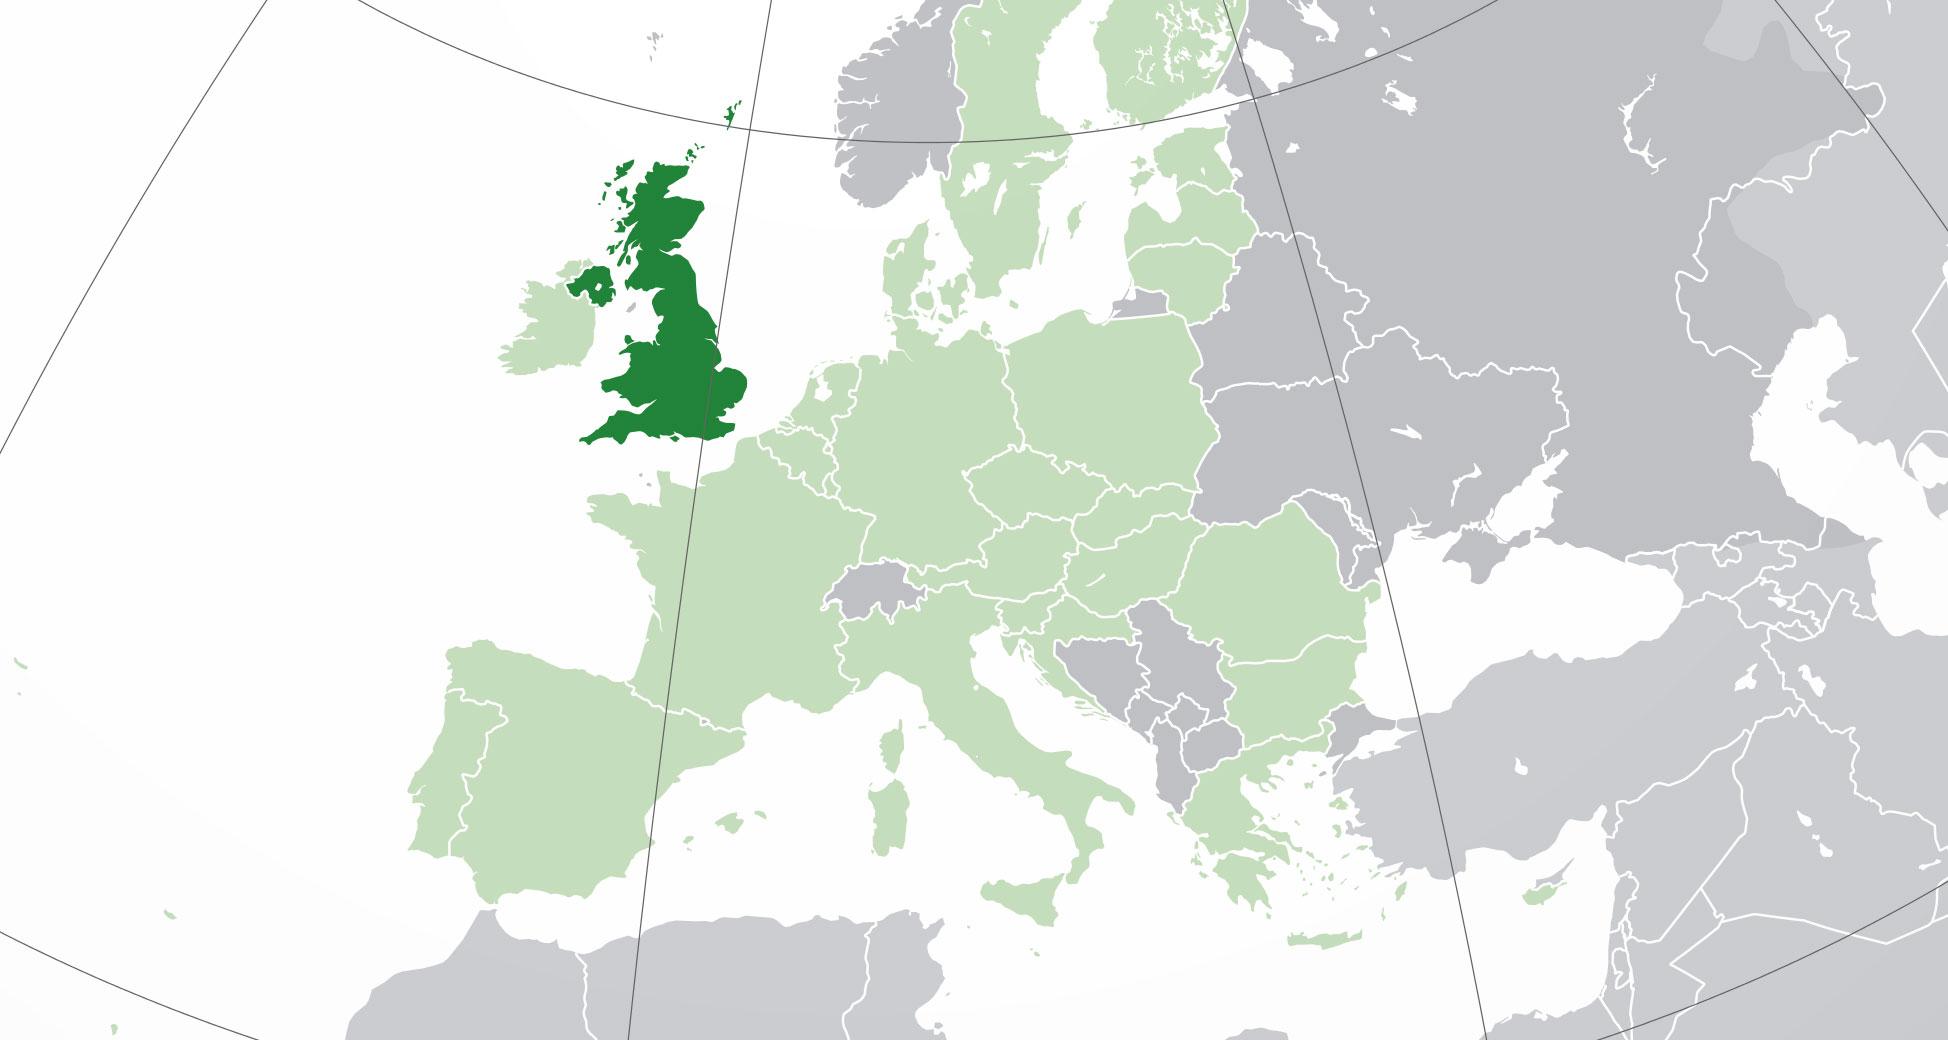 Localización geográfica de Reino Unido